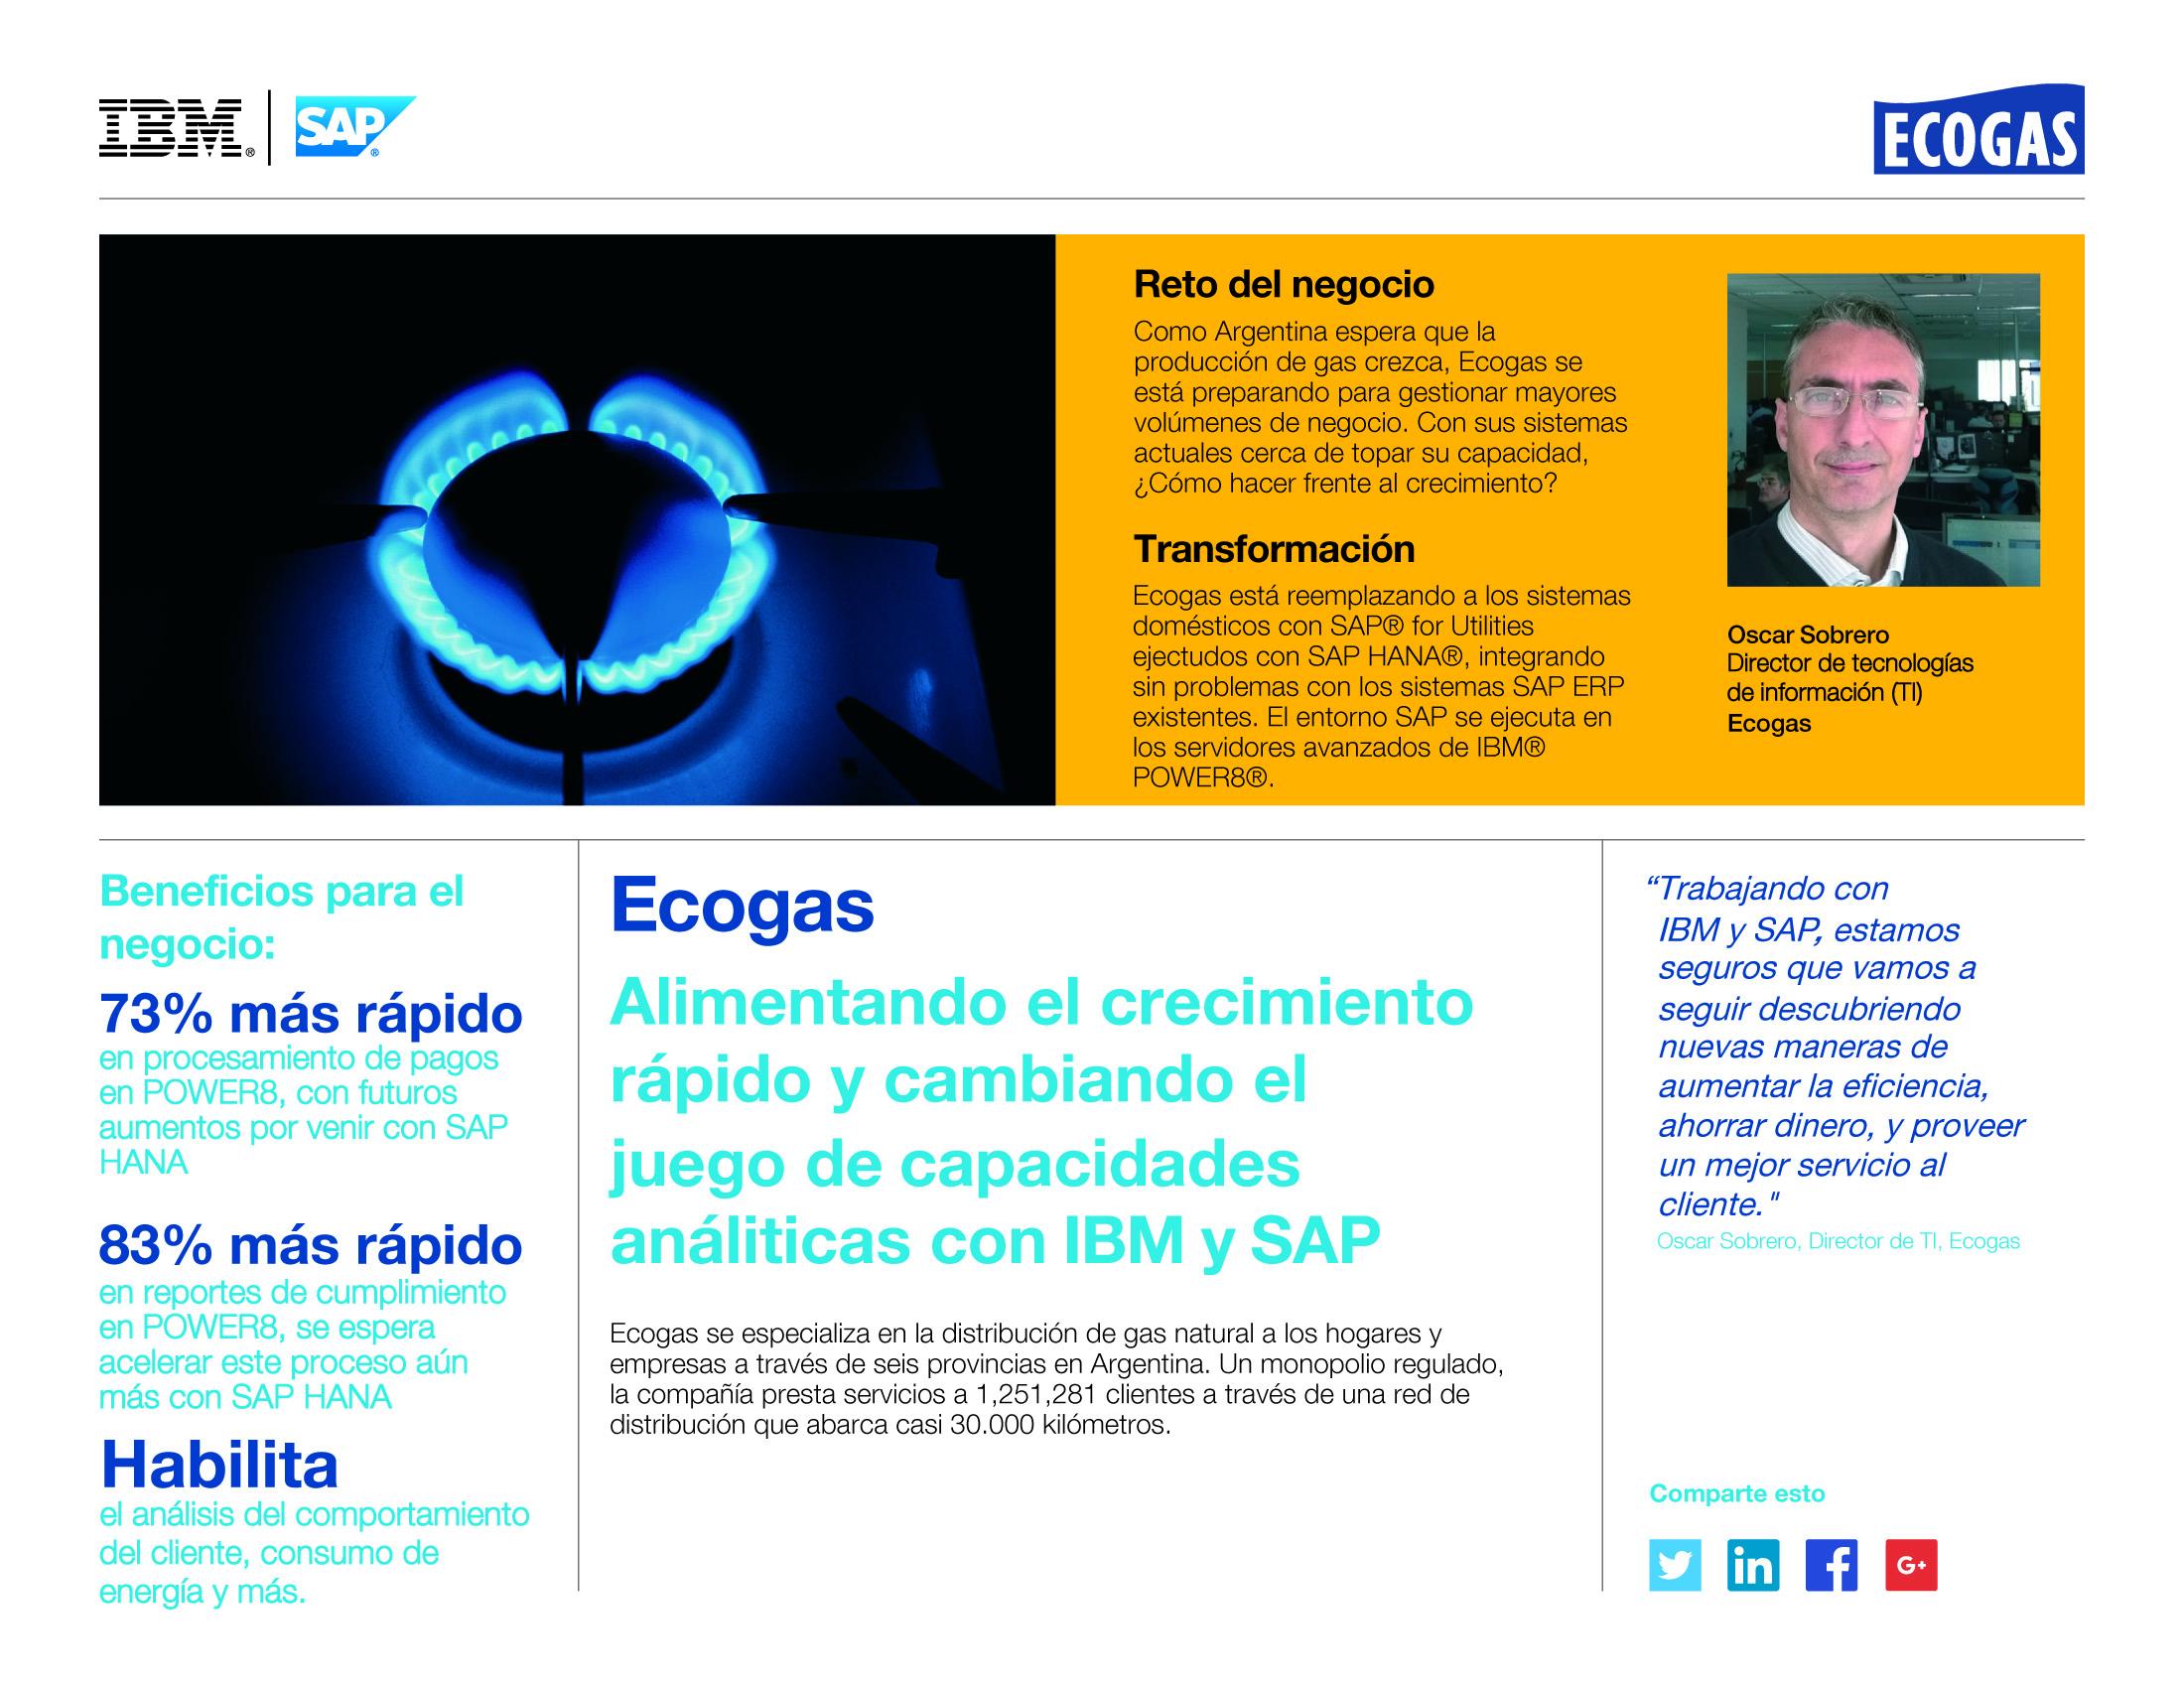 Ecogas. Alimentando el crecimiento rápido y cambiando el juego de capacidades análiticas con IBM y SAP